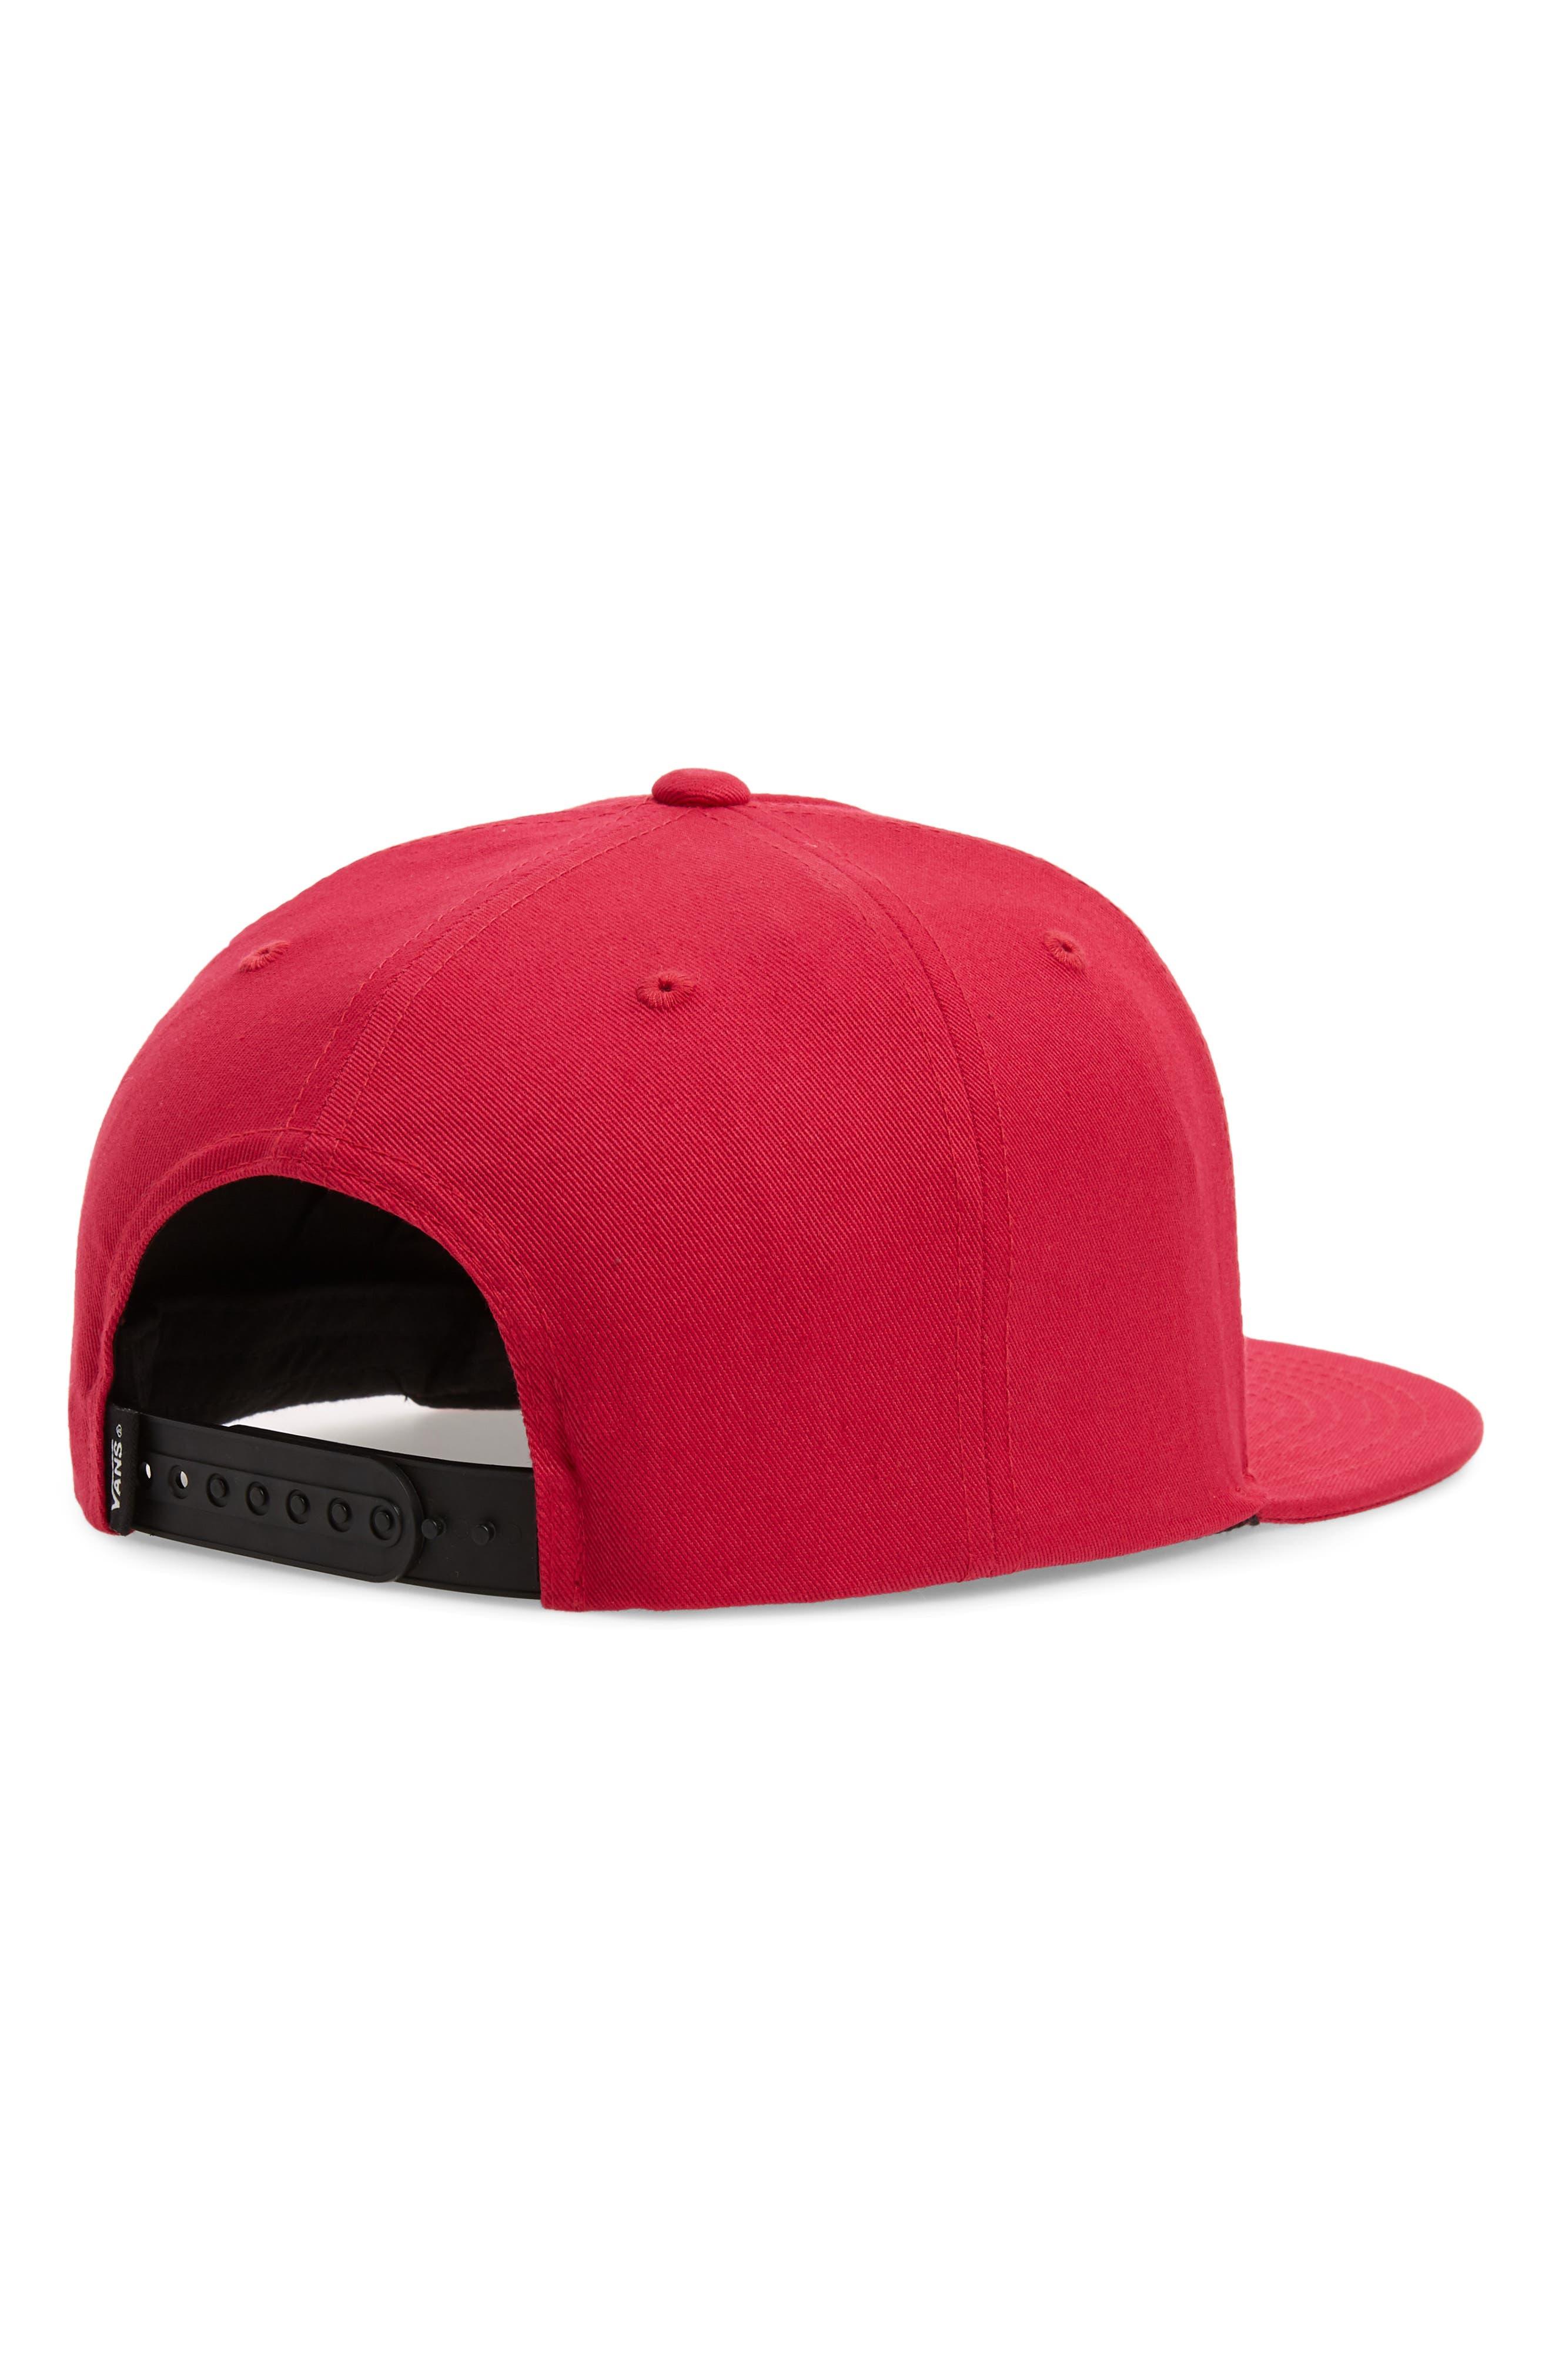 60fb67ebd28 Men s Vans Hats